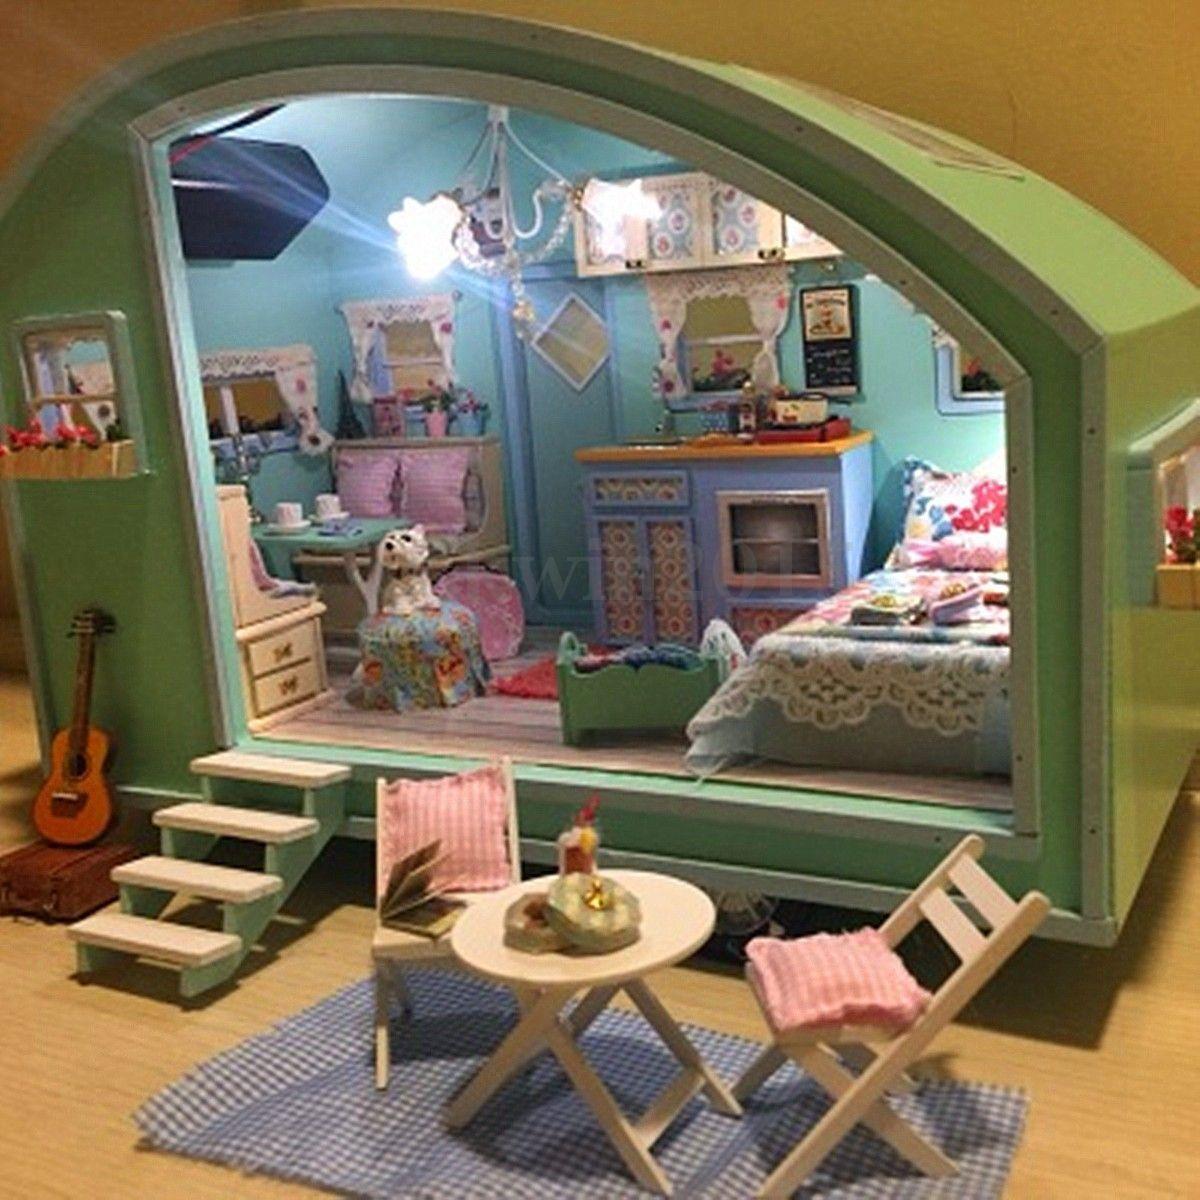 Miniatur DIY Puppenhaus Puppenstube Puppenmöbel LED Musik